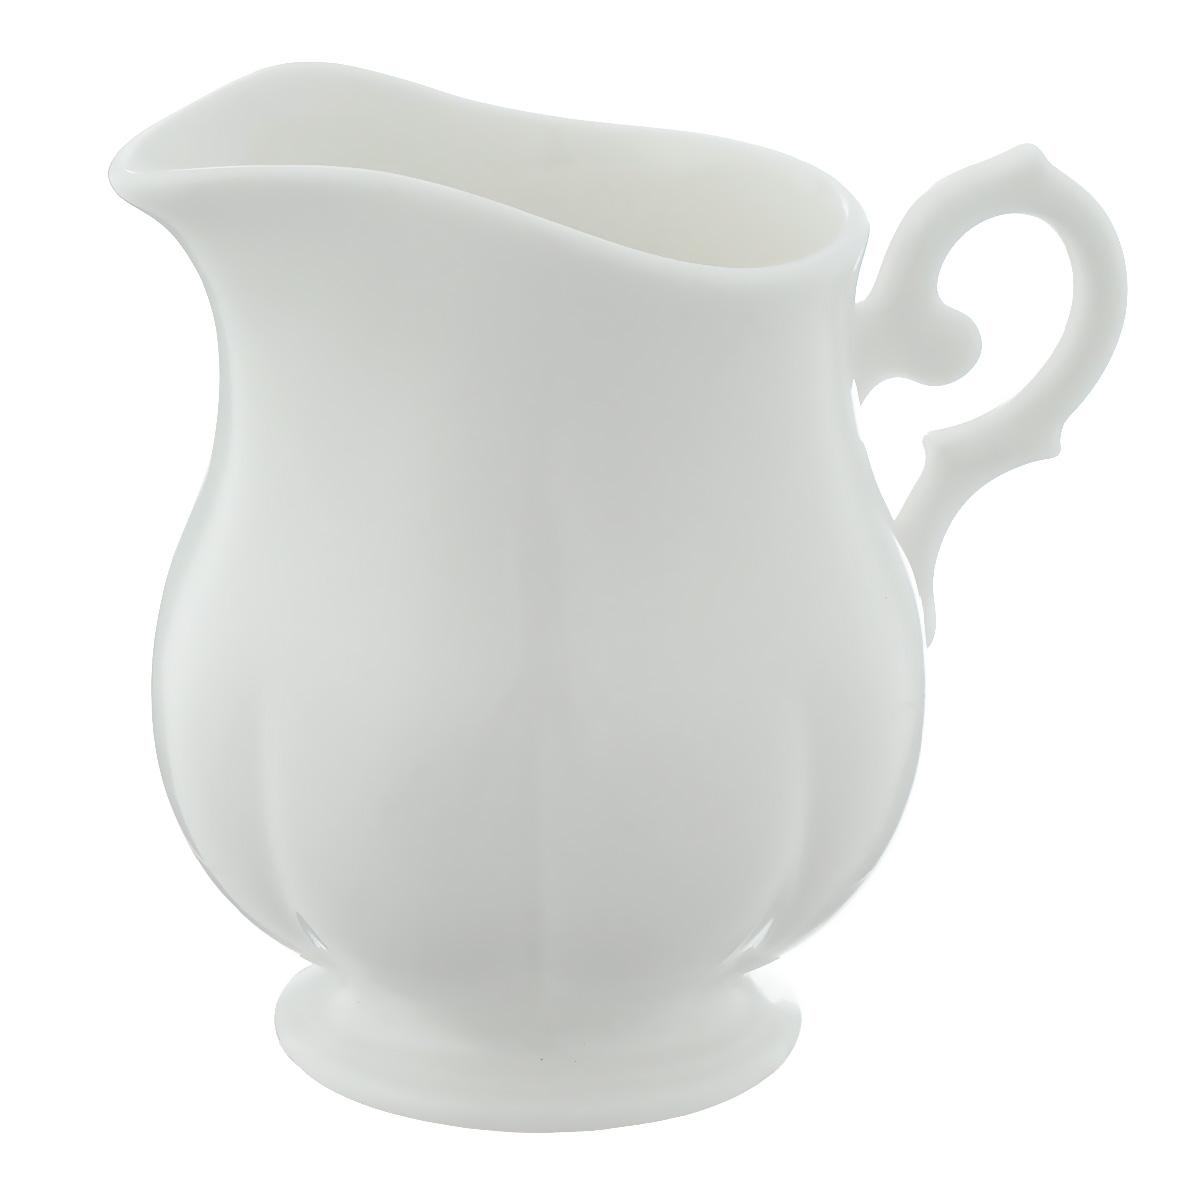 Сливочник Royal Porcelain White, цвет: белый, 250 мл89ww/0322Сливочник Royal Porcelain White выполнен из высококачественного костяного фарфора с содержанием костяной муки 45%. Изделие сочетает в себе изысканный вид с прочностью и долговечностью. Эксклюзивный дизайн, эстетичность и функциональность сливочника сделает его незаменимым на любой кухне. Размер по верхнему краю: 7,5 см х 6 см. Высота: 9,5 см. Объем: 250 мл.